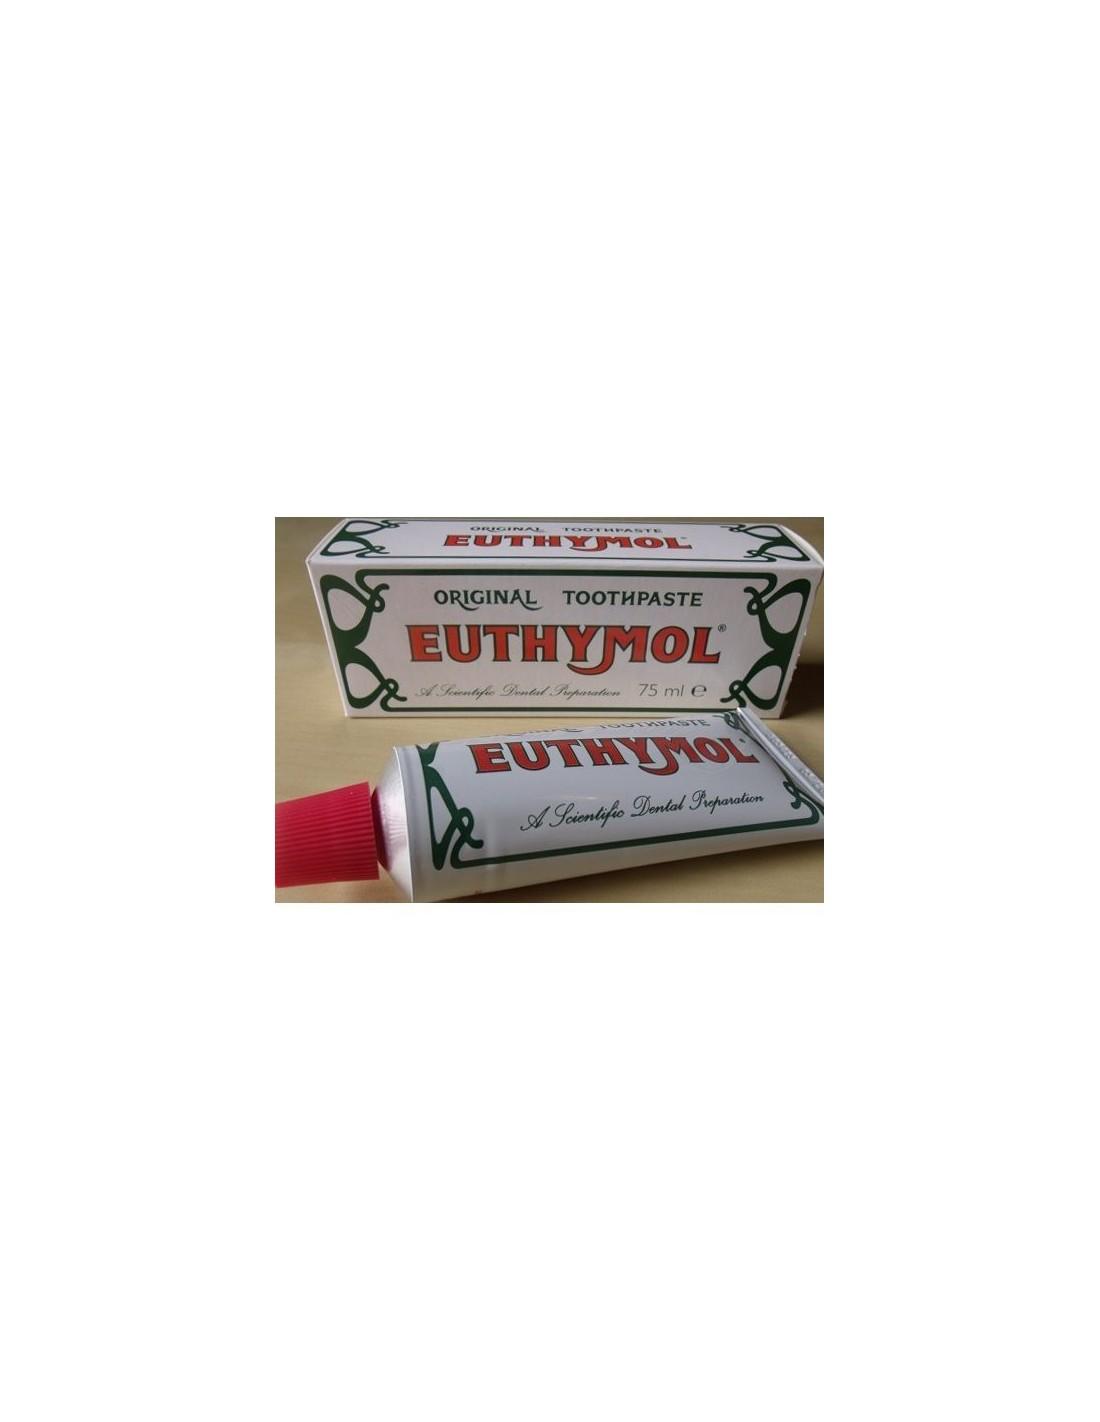 Euthymol original toothpaste 75ml coltelleria lorenzi milano - Keep toothpaste kitchen ...